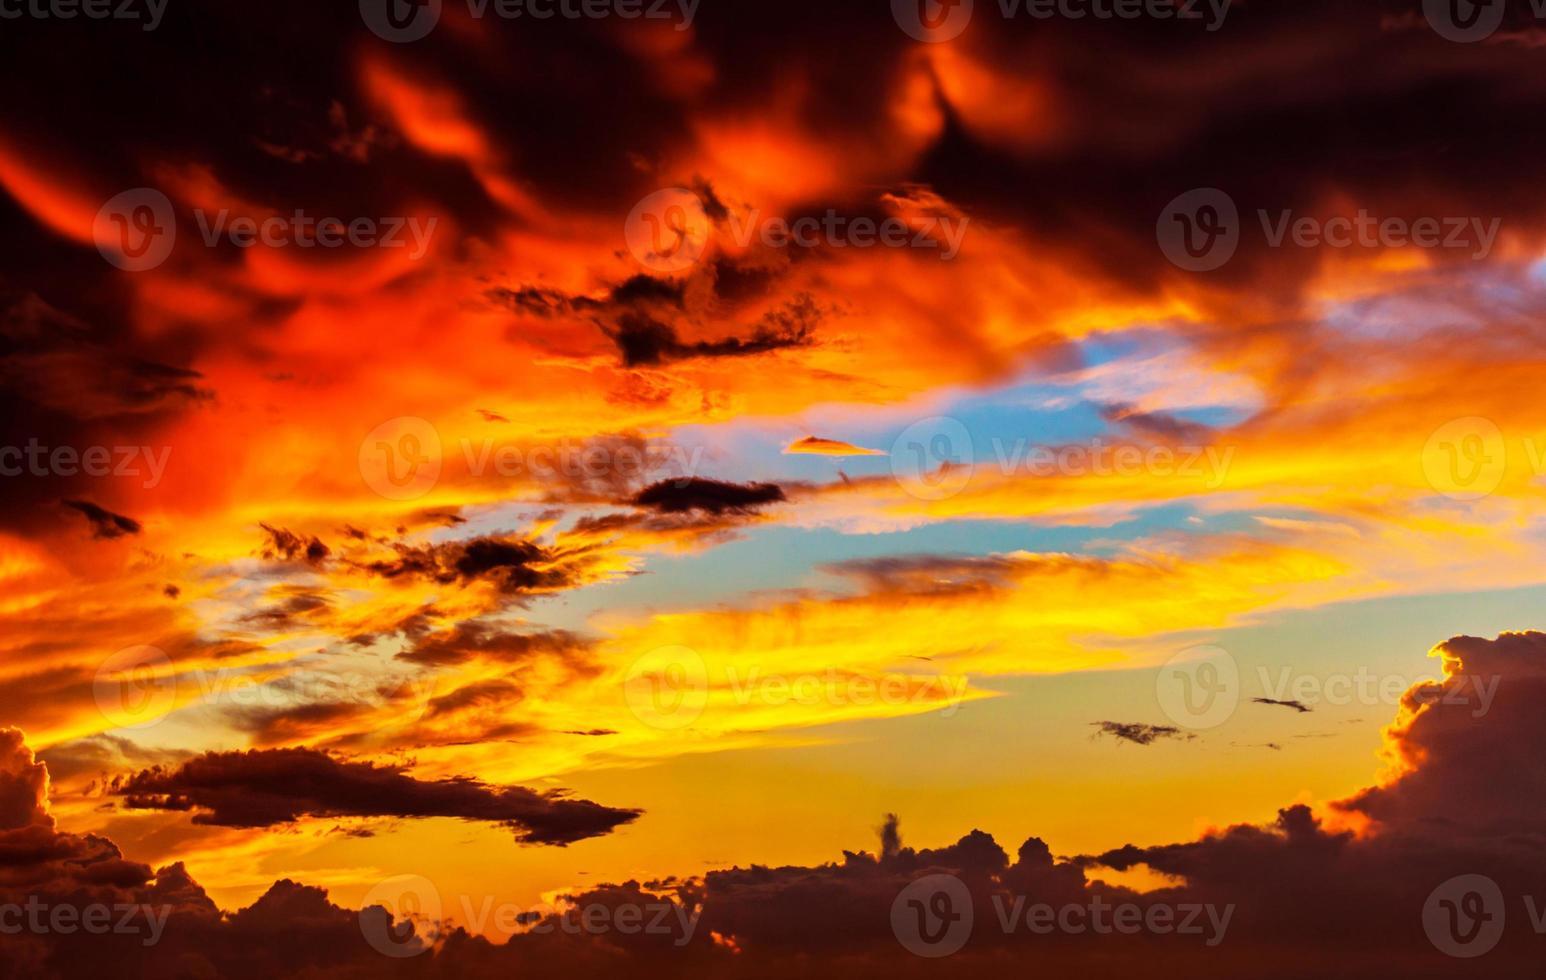 Amazing sunset sky background photo